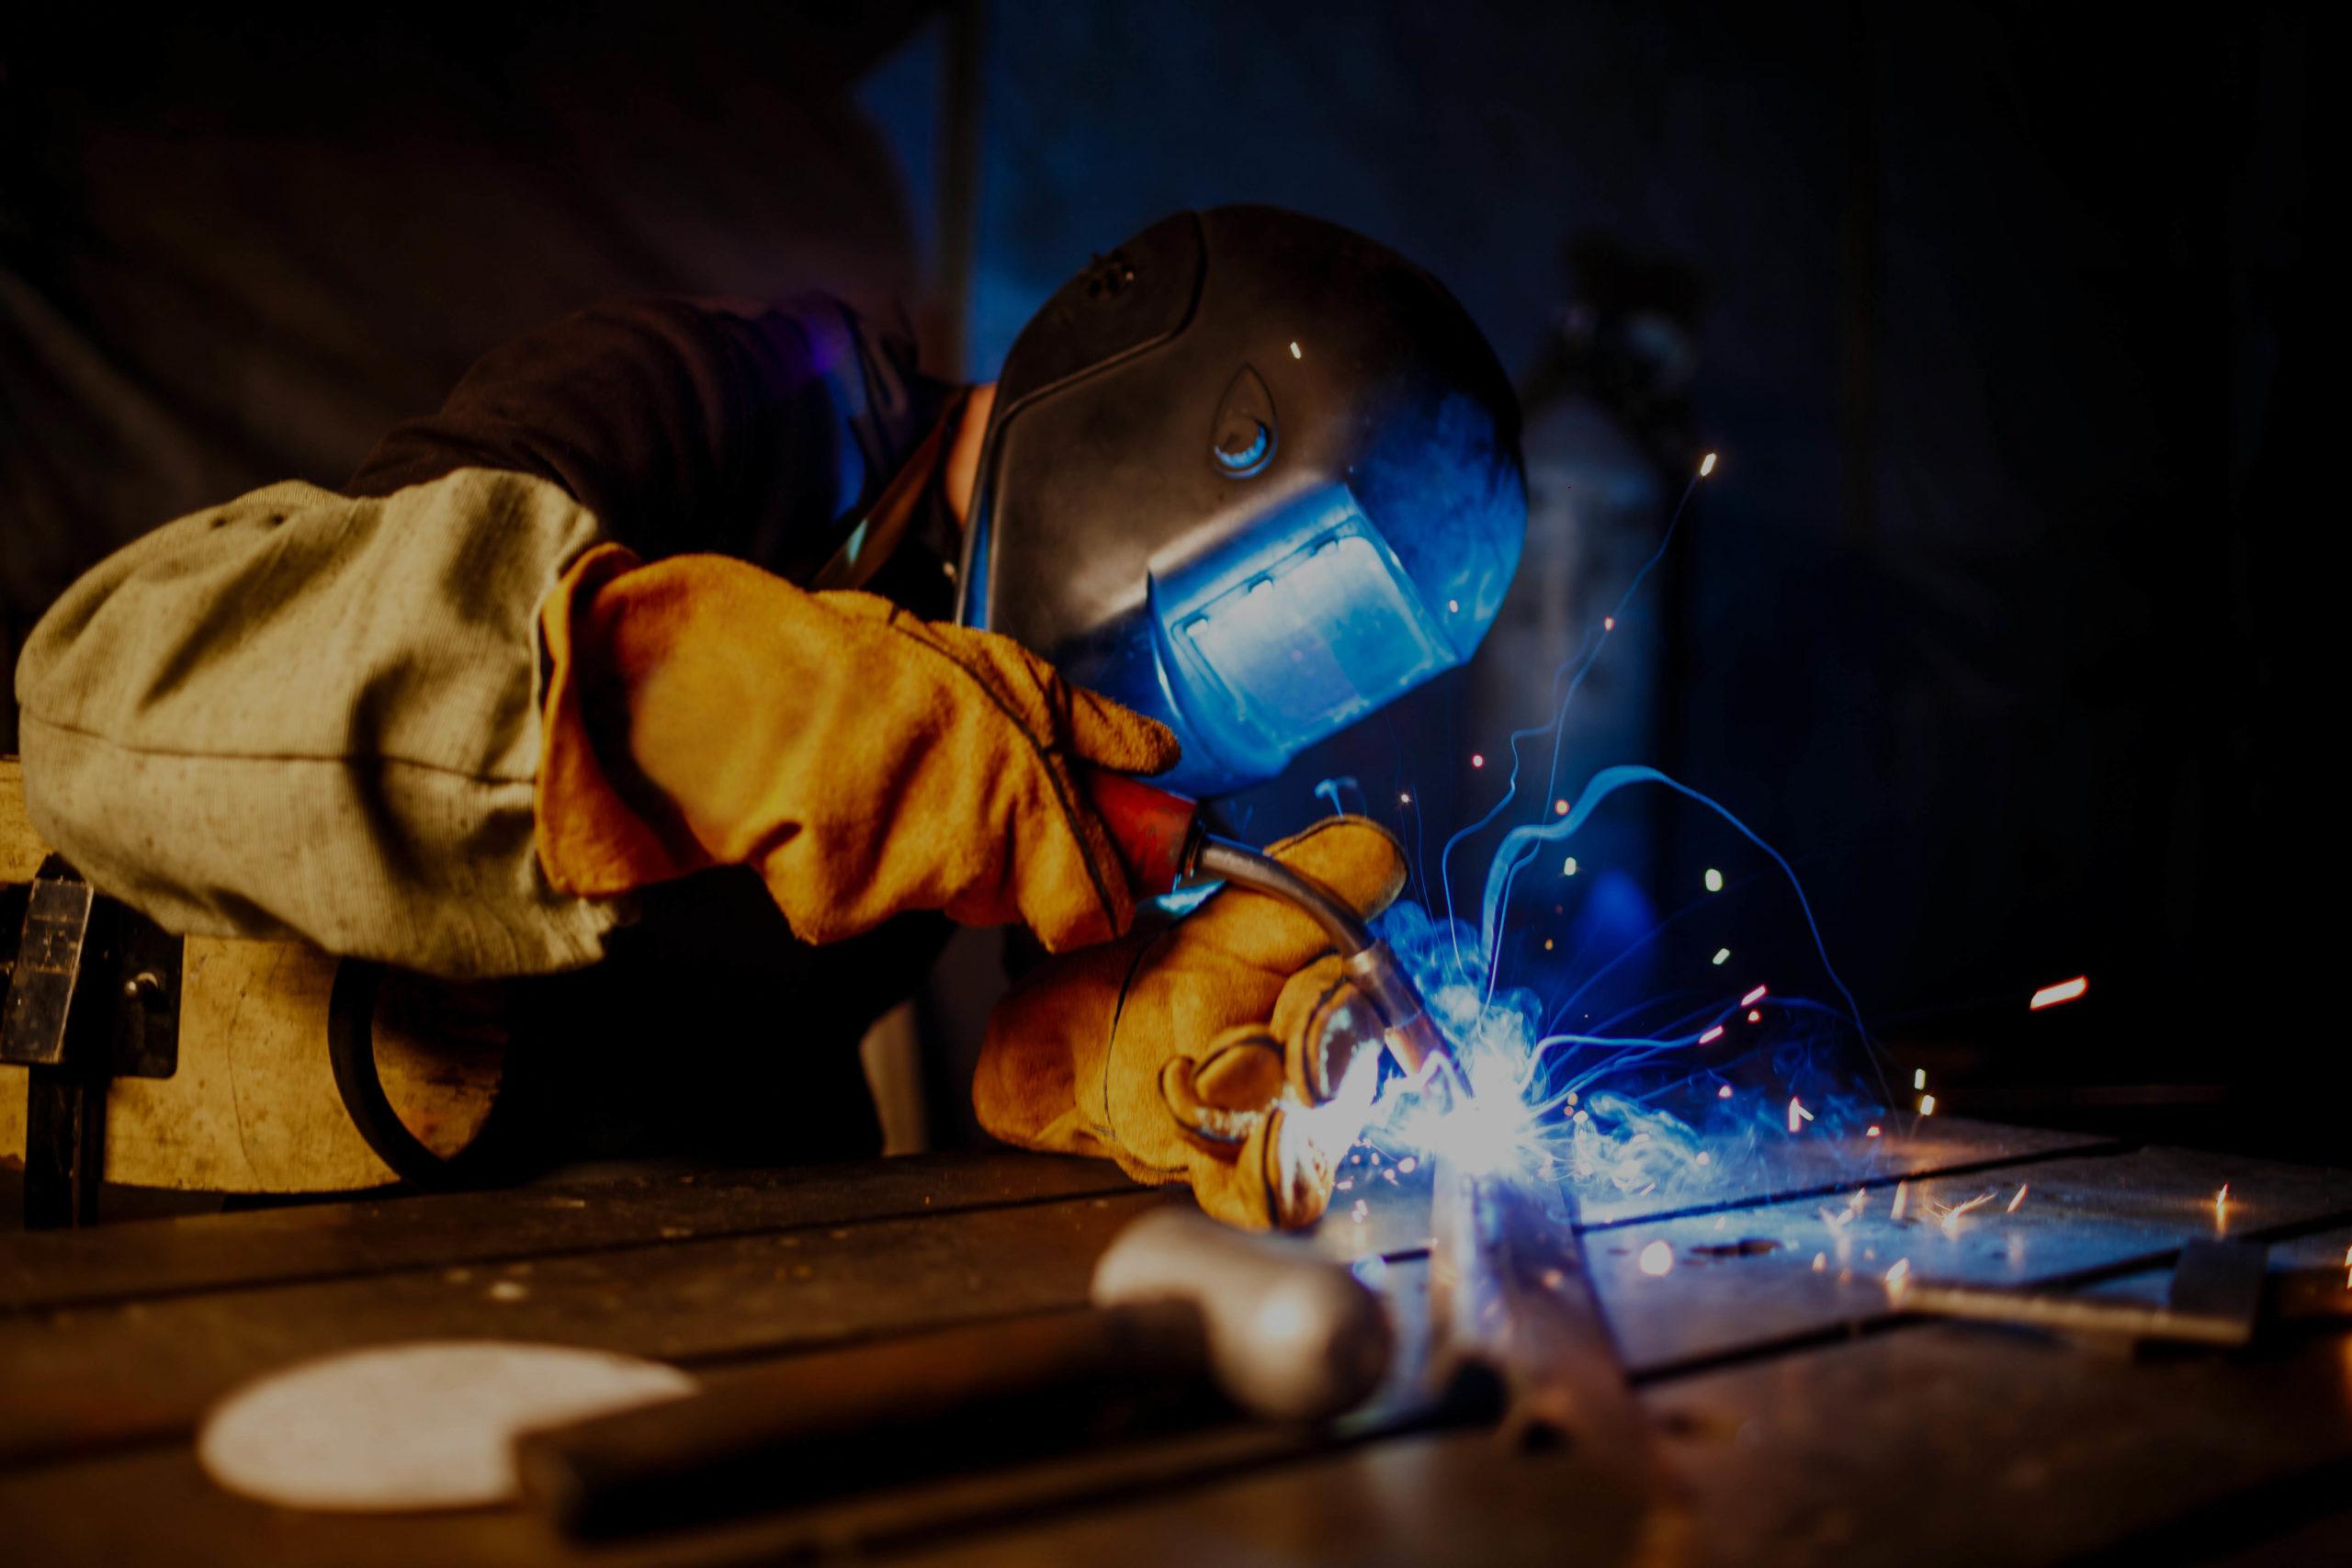 Çelik konstrüksiyon konusunda uzmanız